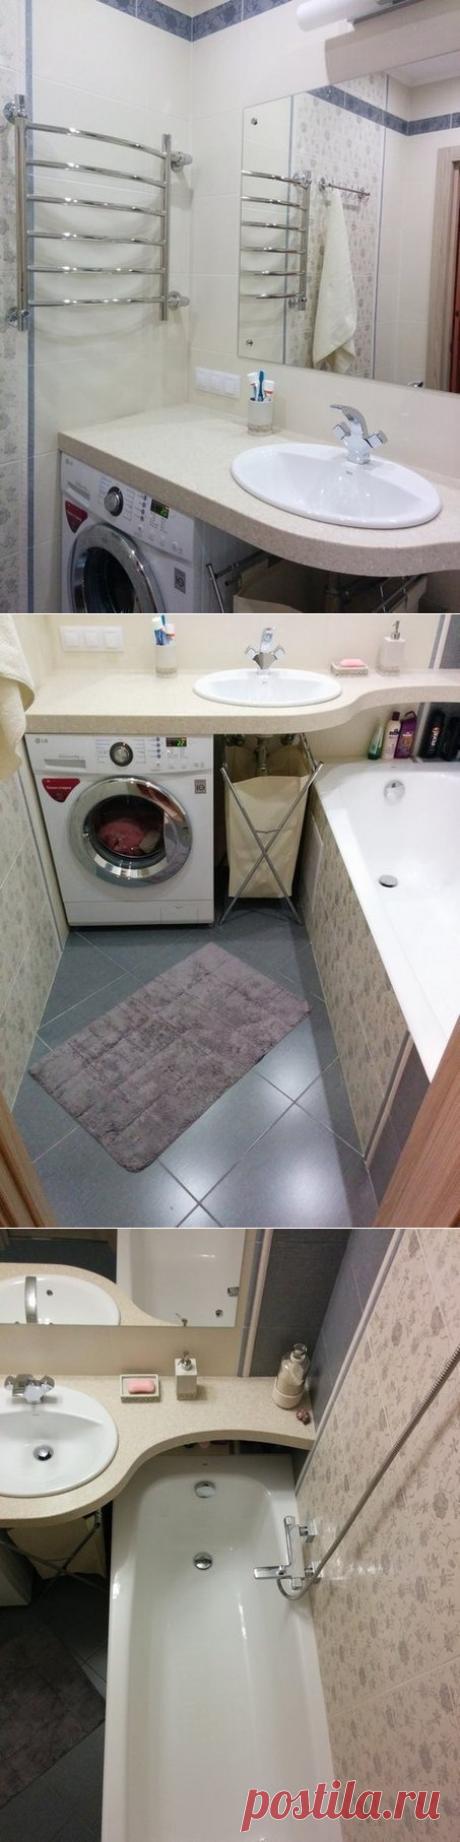 Компактная ванная комната - Дизайн интерьеров   Идеи вашего дома   Lodgers